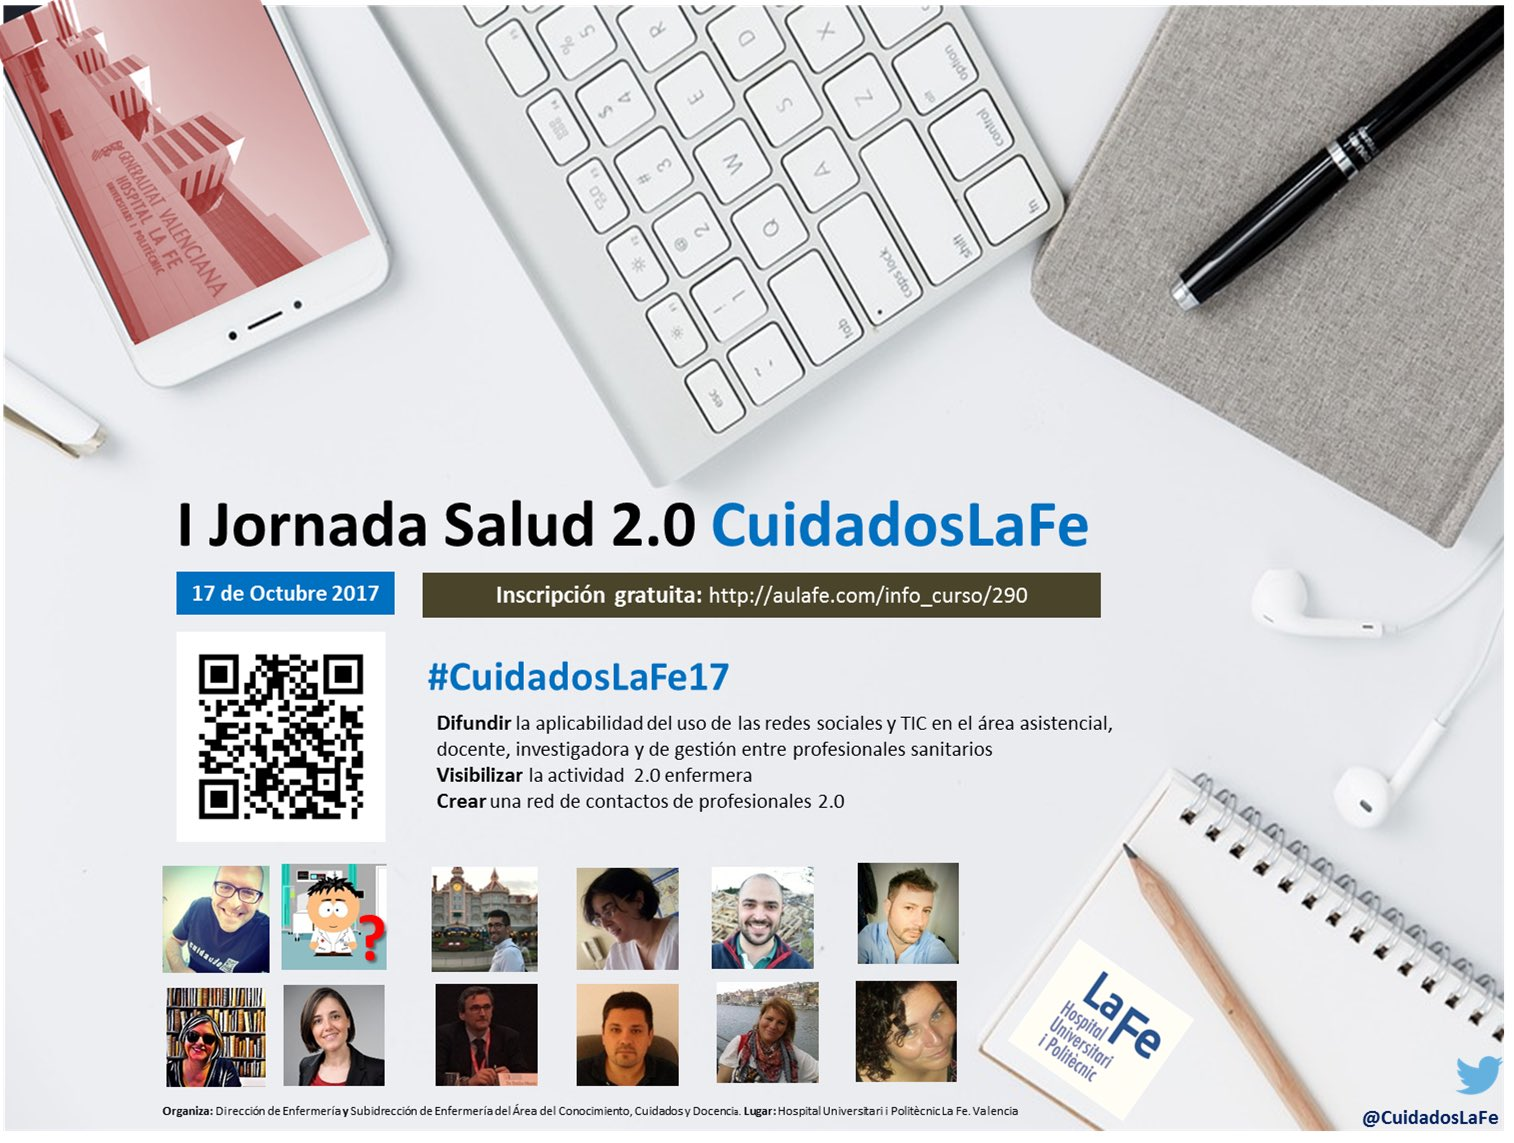 Tras #InnobarSalud deseando que llegue 17 octu y Jornada Salud 2.0 #CuidadosLaFe17  Ganazas de que veáis programa.  https://t.co/RHrQXZzEQT https://t.co/6guZ1LpSh0